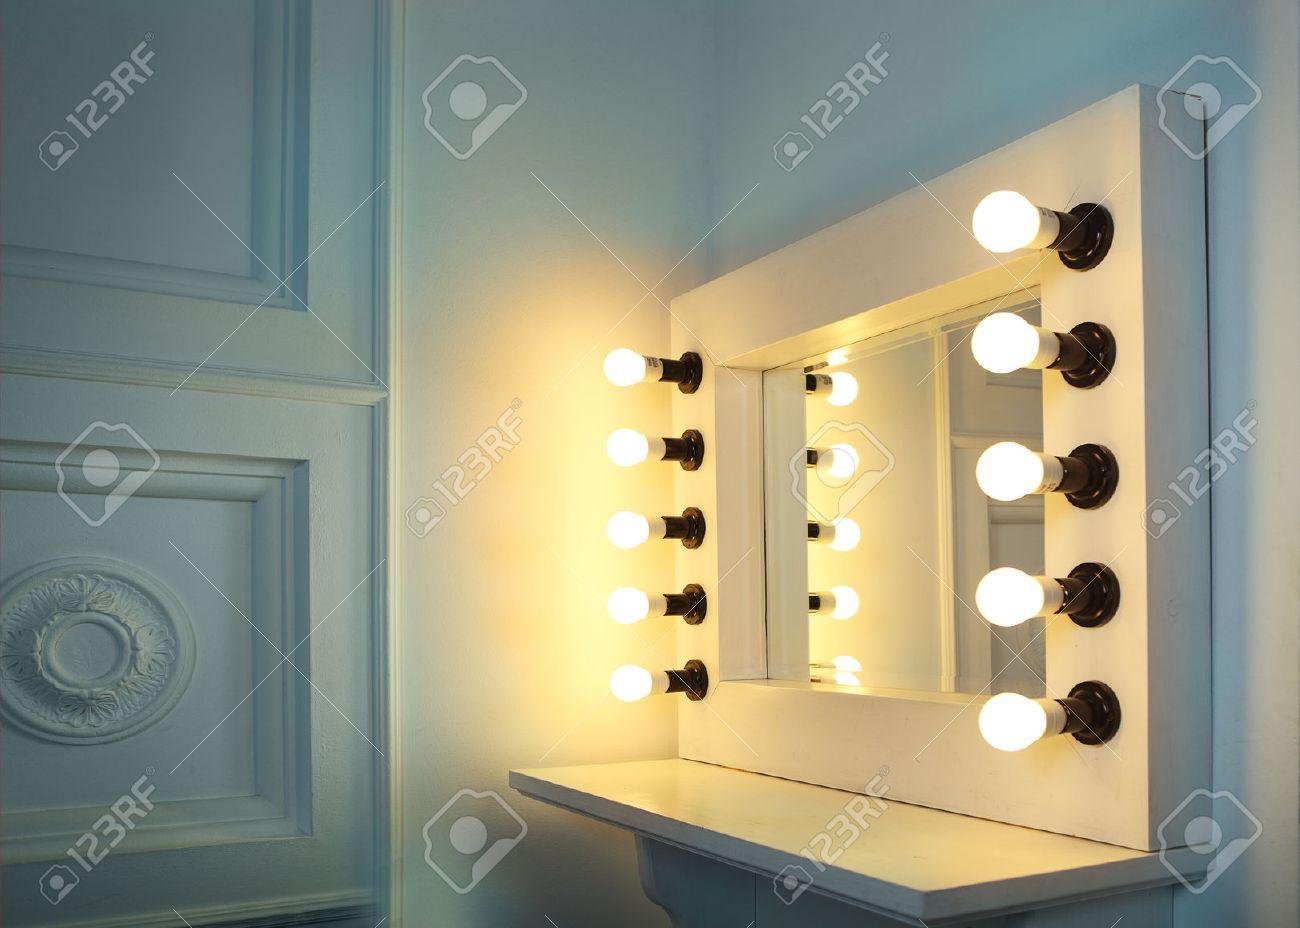 Spiegel Make Up : Spiegel mit lampen für make up in der make up raum lizenzfreie